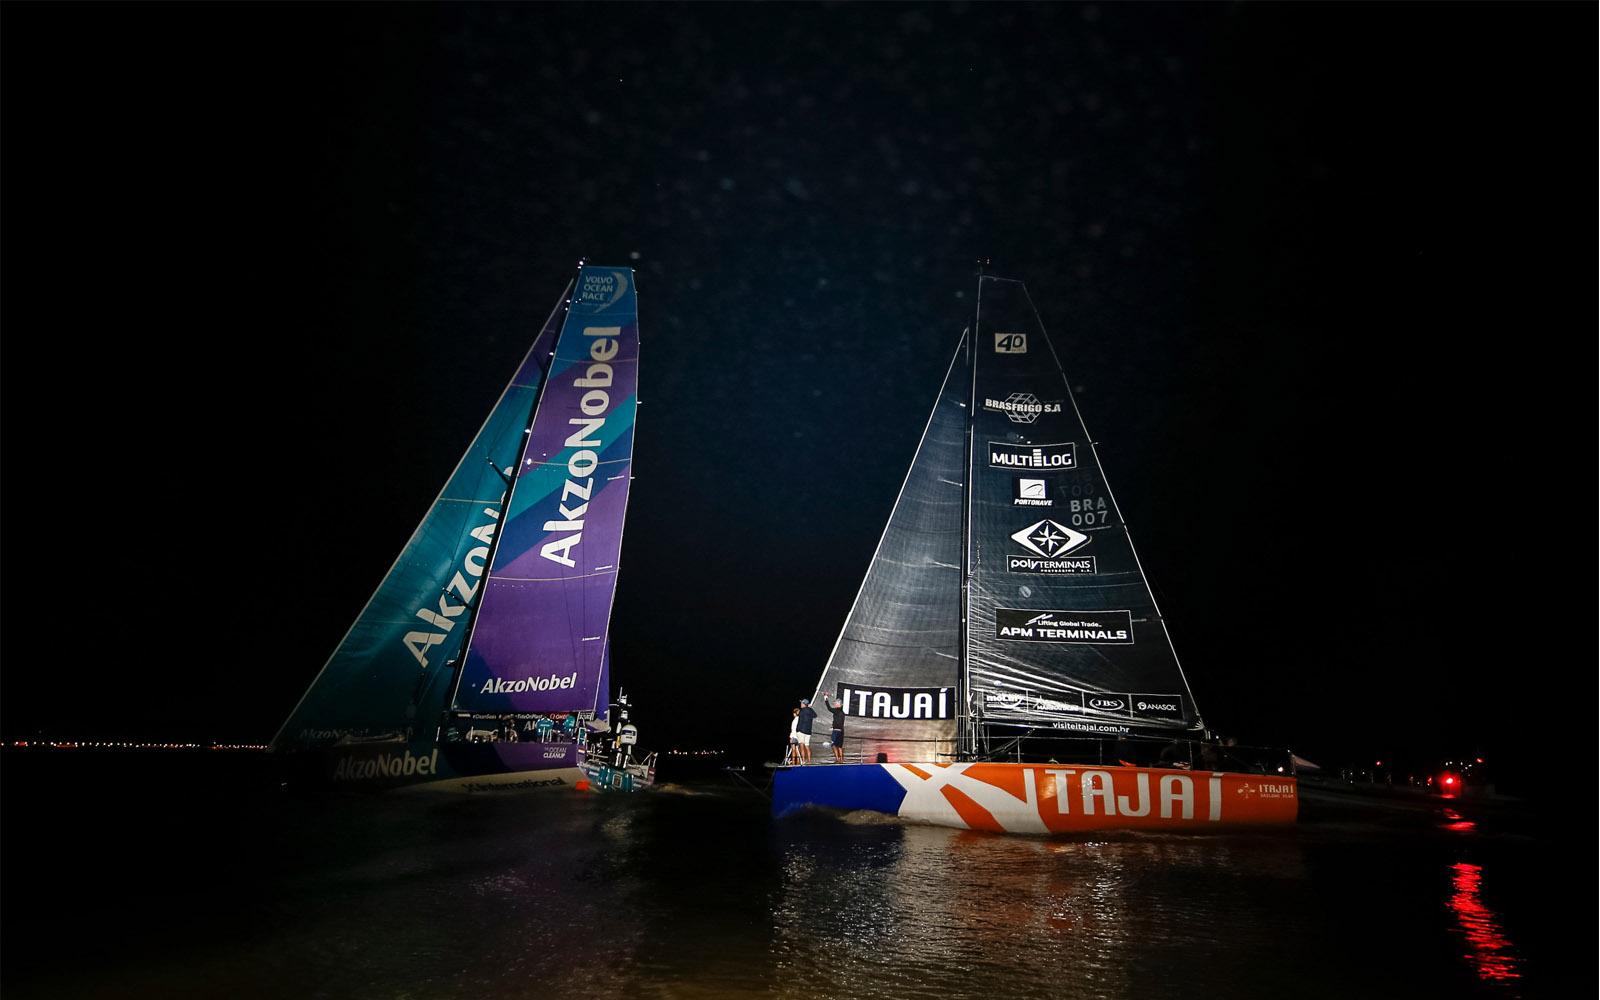 Martine Grael e team AkzoNobel chegam em terceiro no Brasil-boatshopping